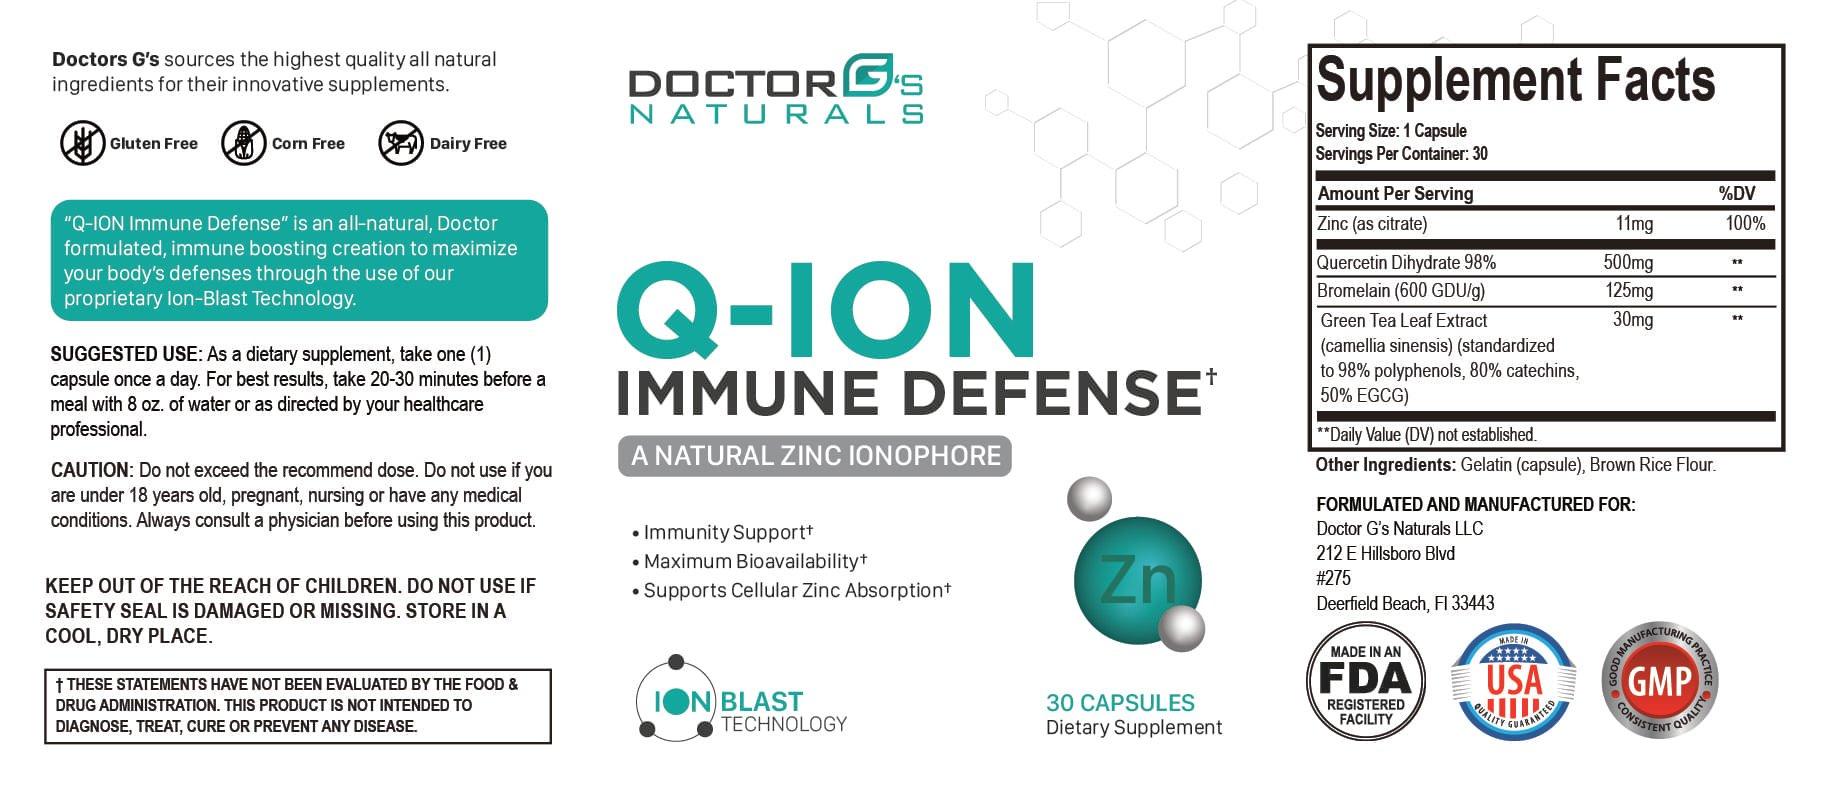 Q-ION Immune Defense Ingredients Label